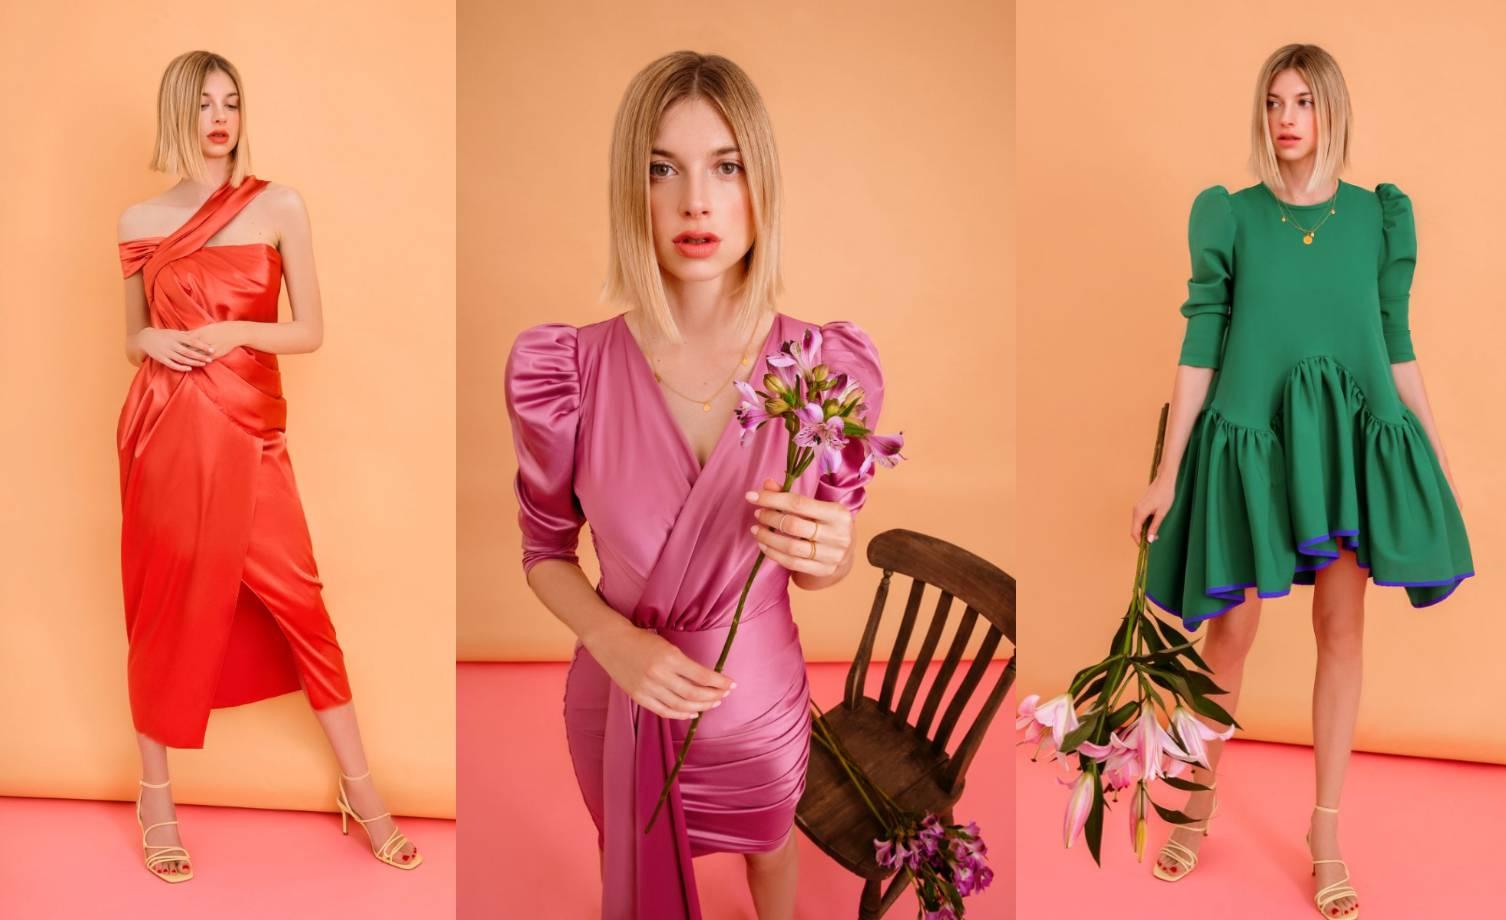 Viljevac predlaže: Popularne forme ljetnih haljina u bojama